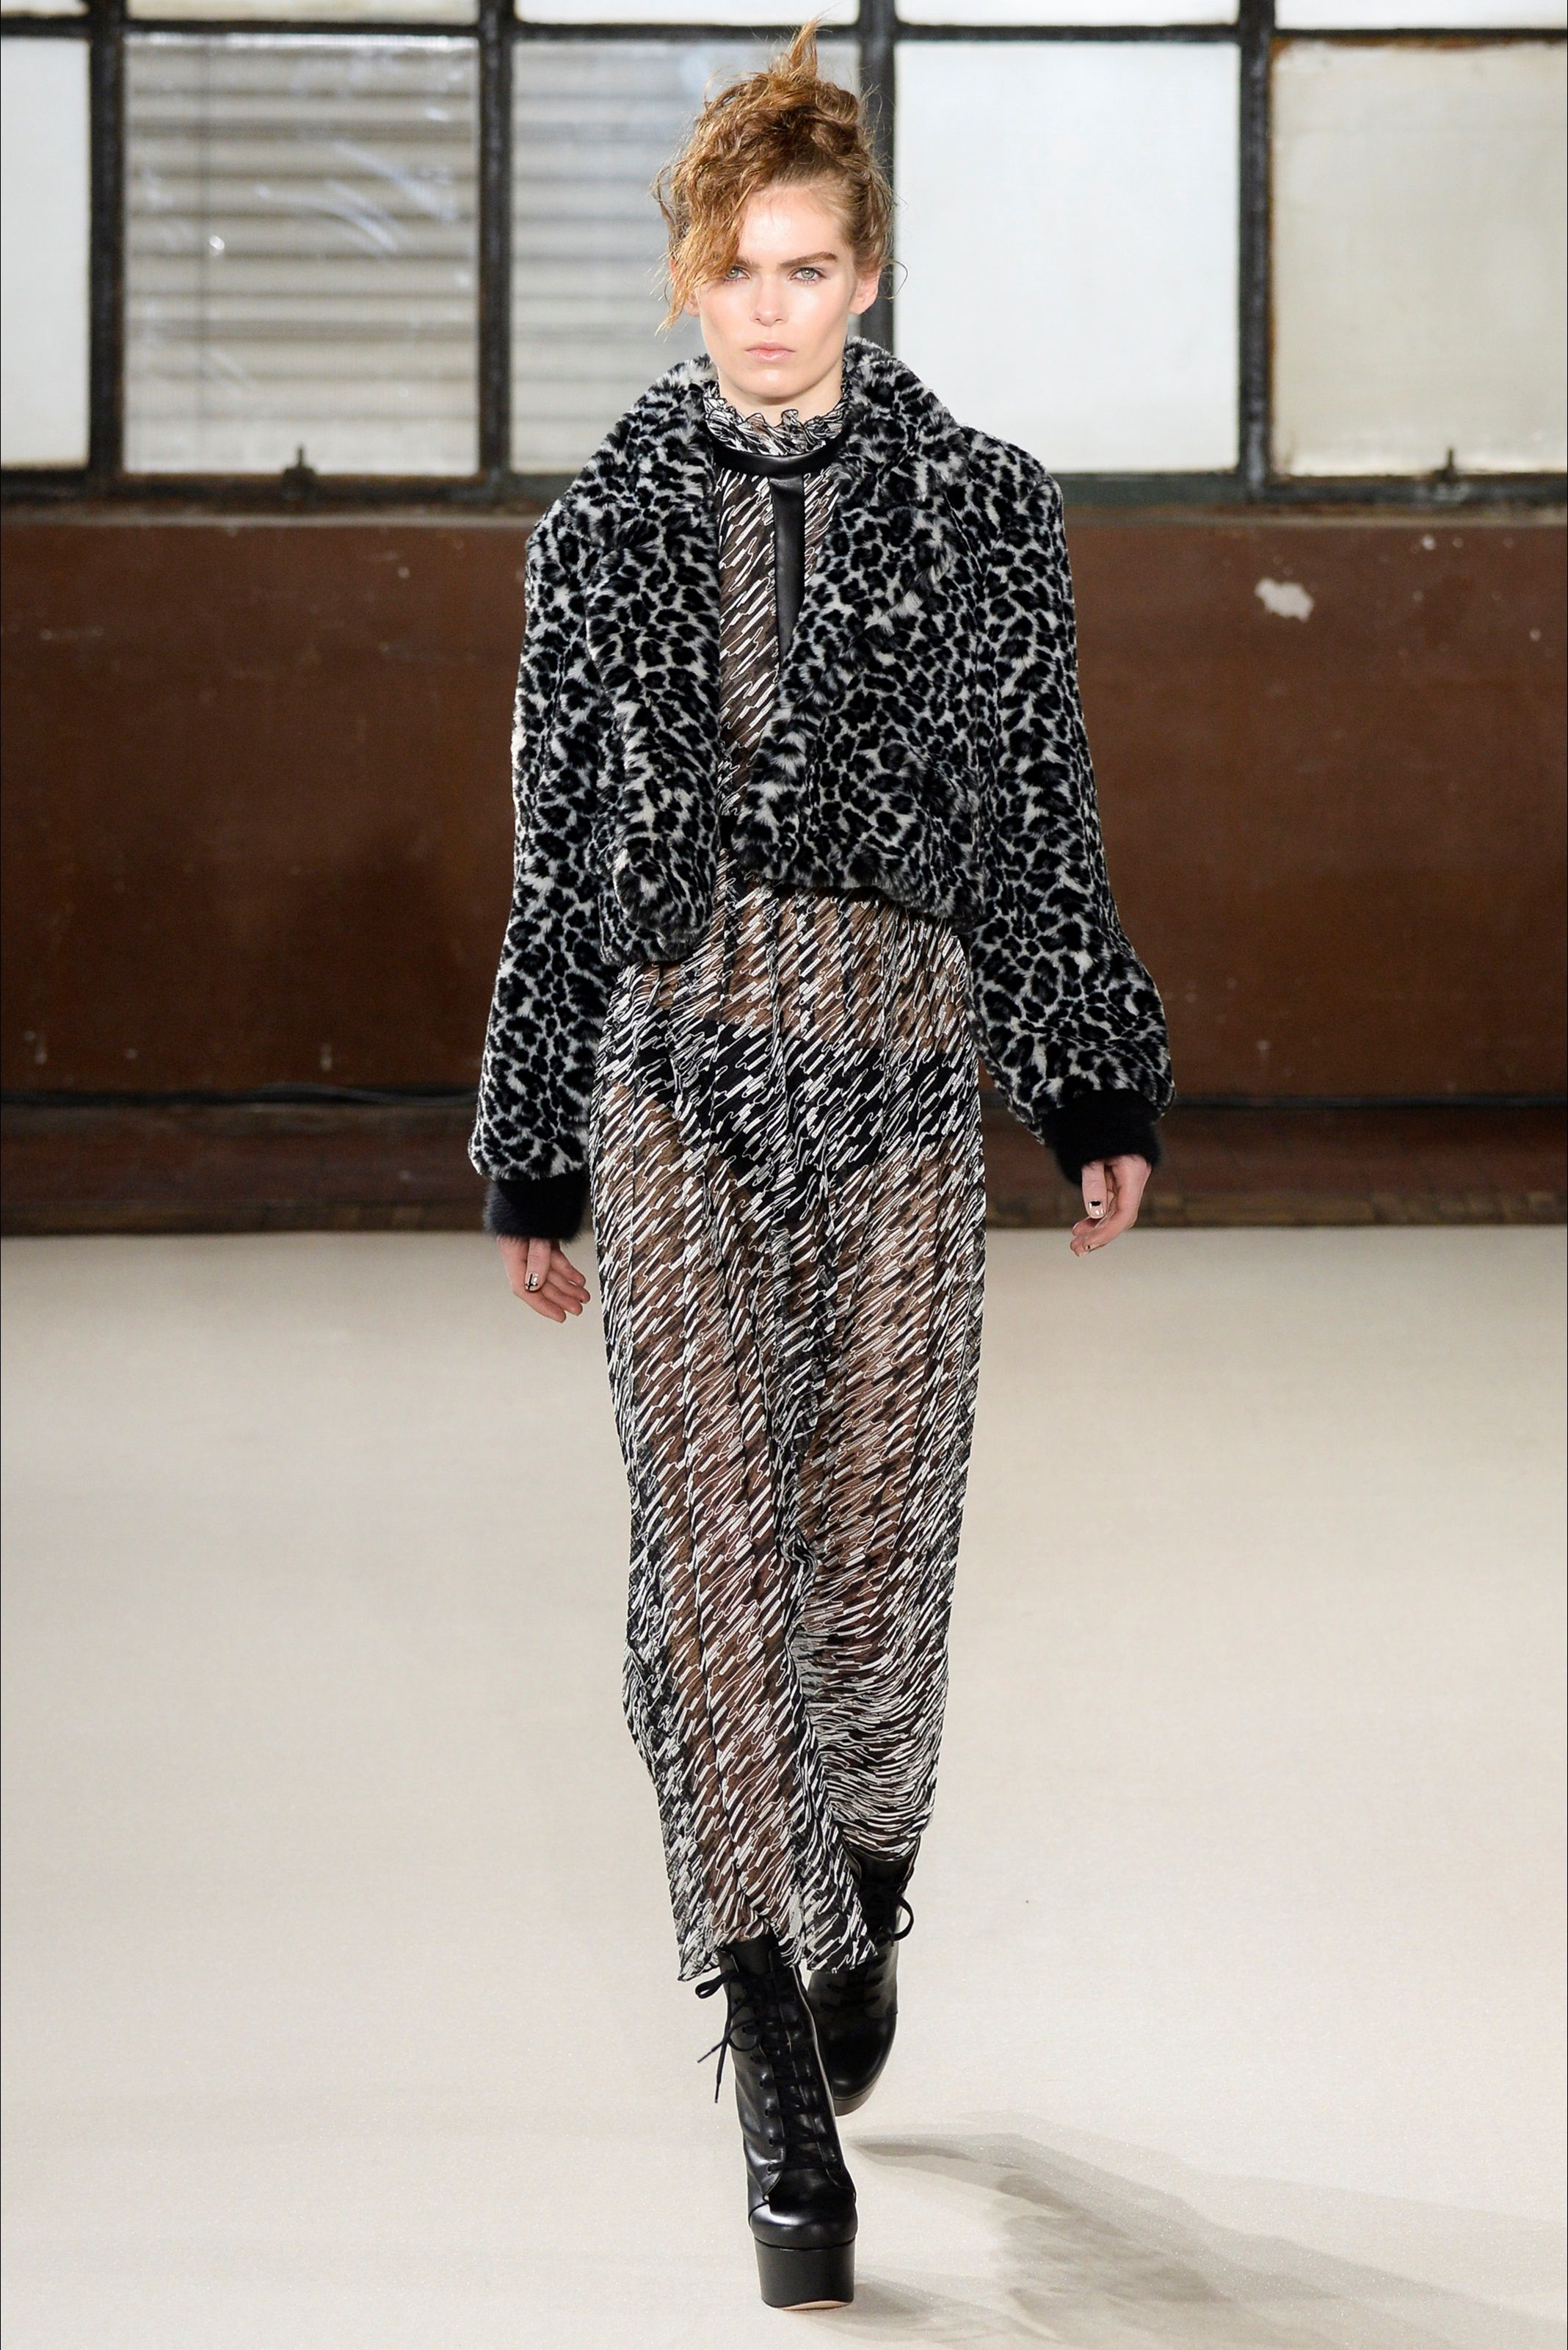 Sfilata Giamba Milano - Collezioni Autunno Inverno 2016-17 - Vogue